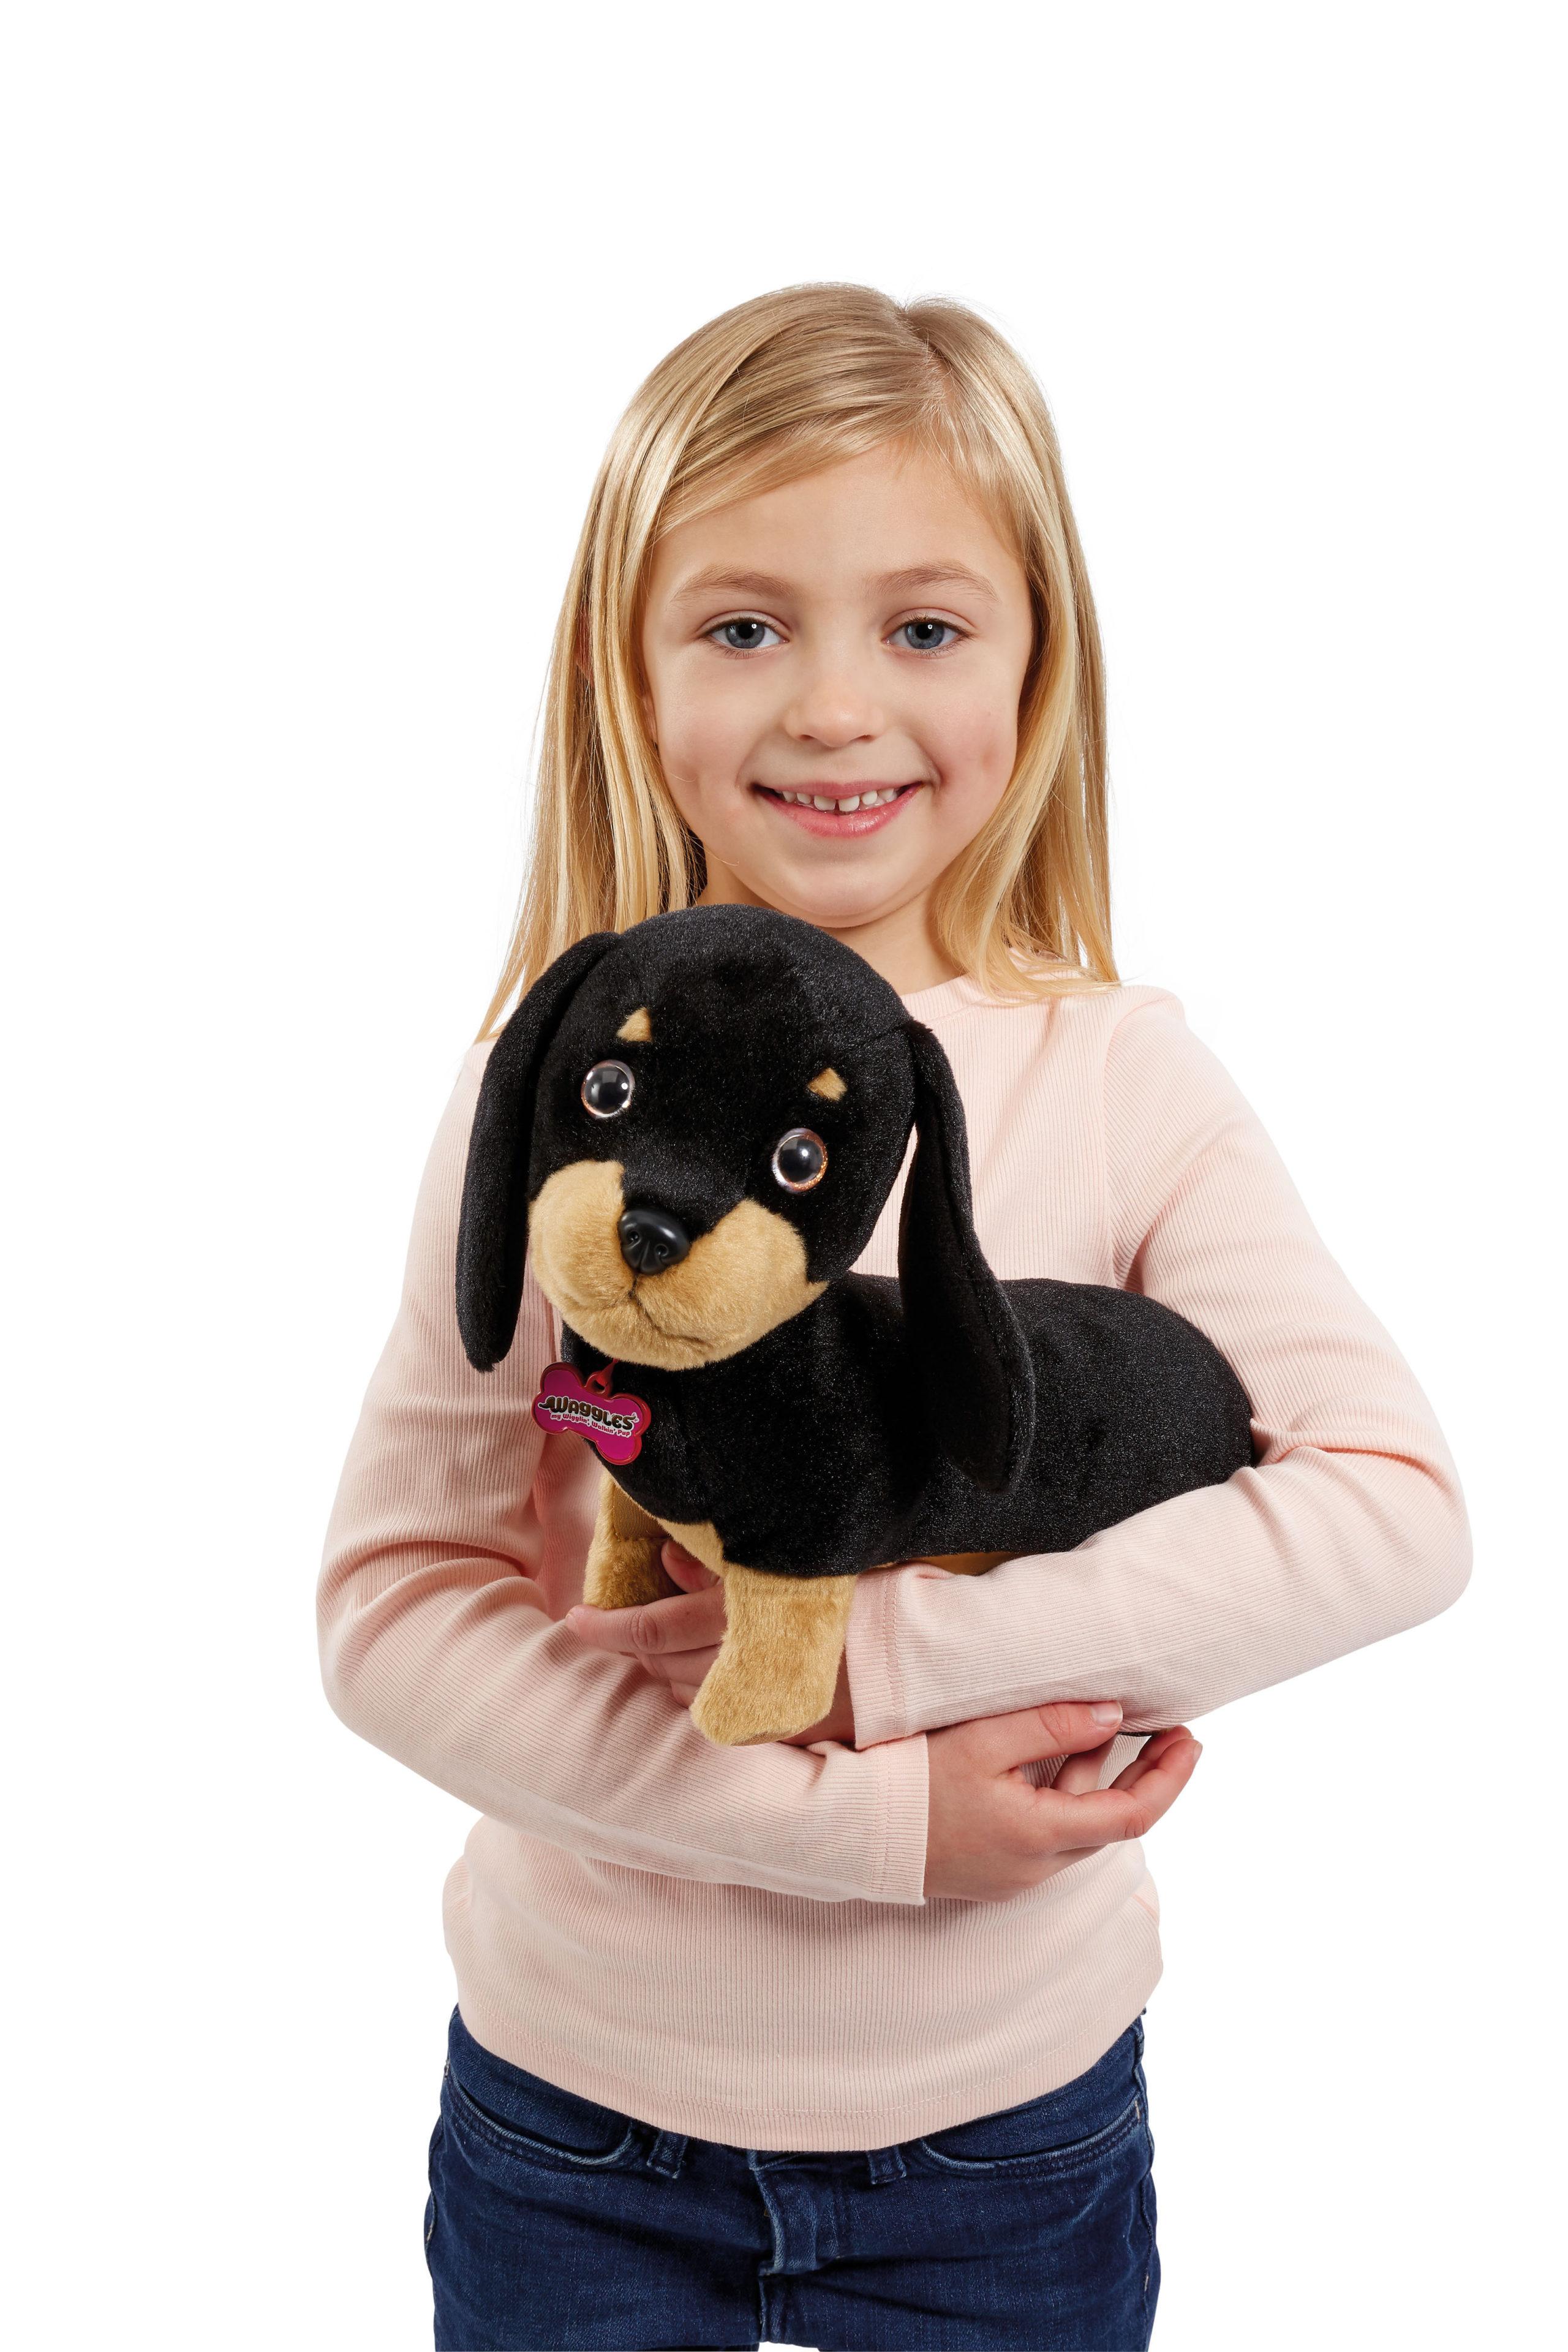 Als bester Freund des Kindes hat der kleine Plüschdackel immer ein offenes Ohr und ist jederzeit zum Kuscheln aufgelegt.